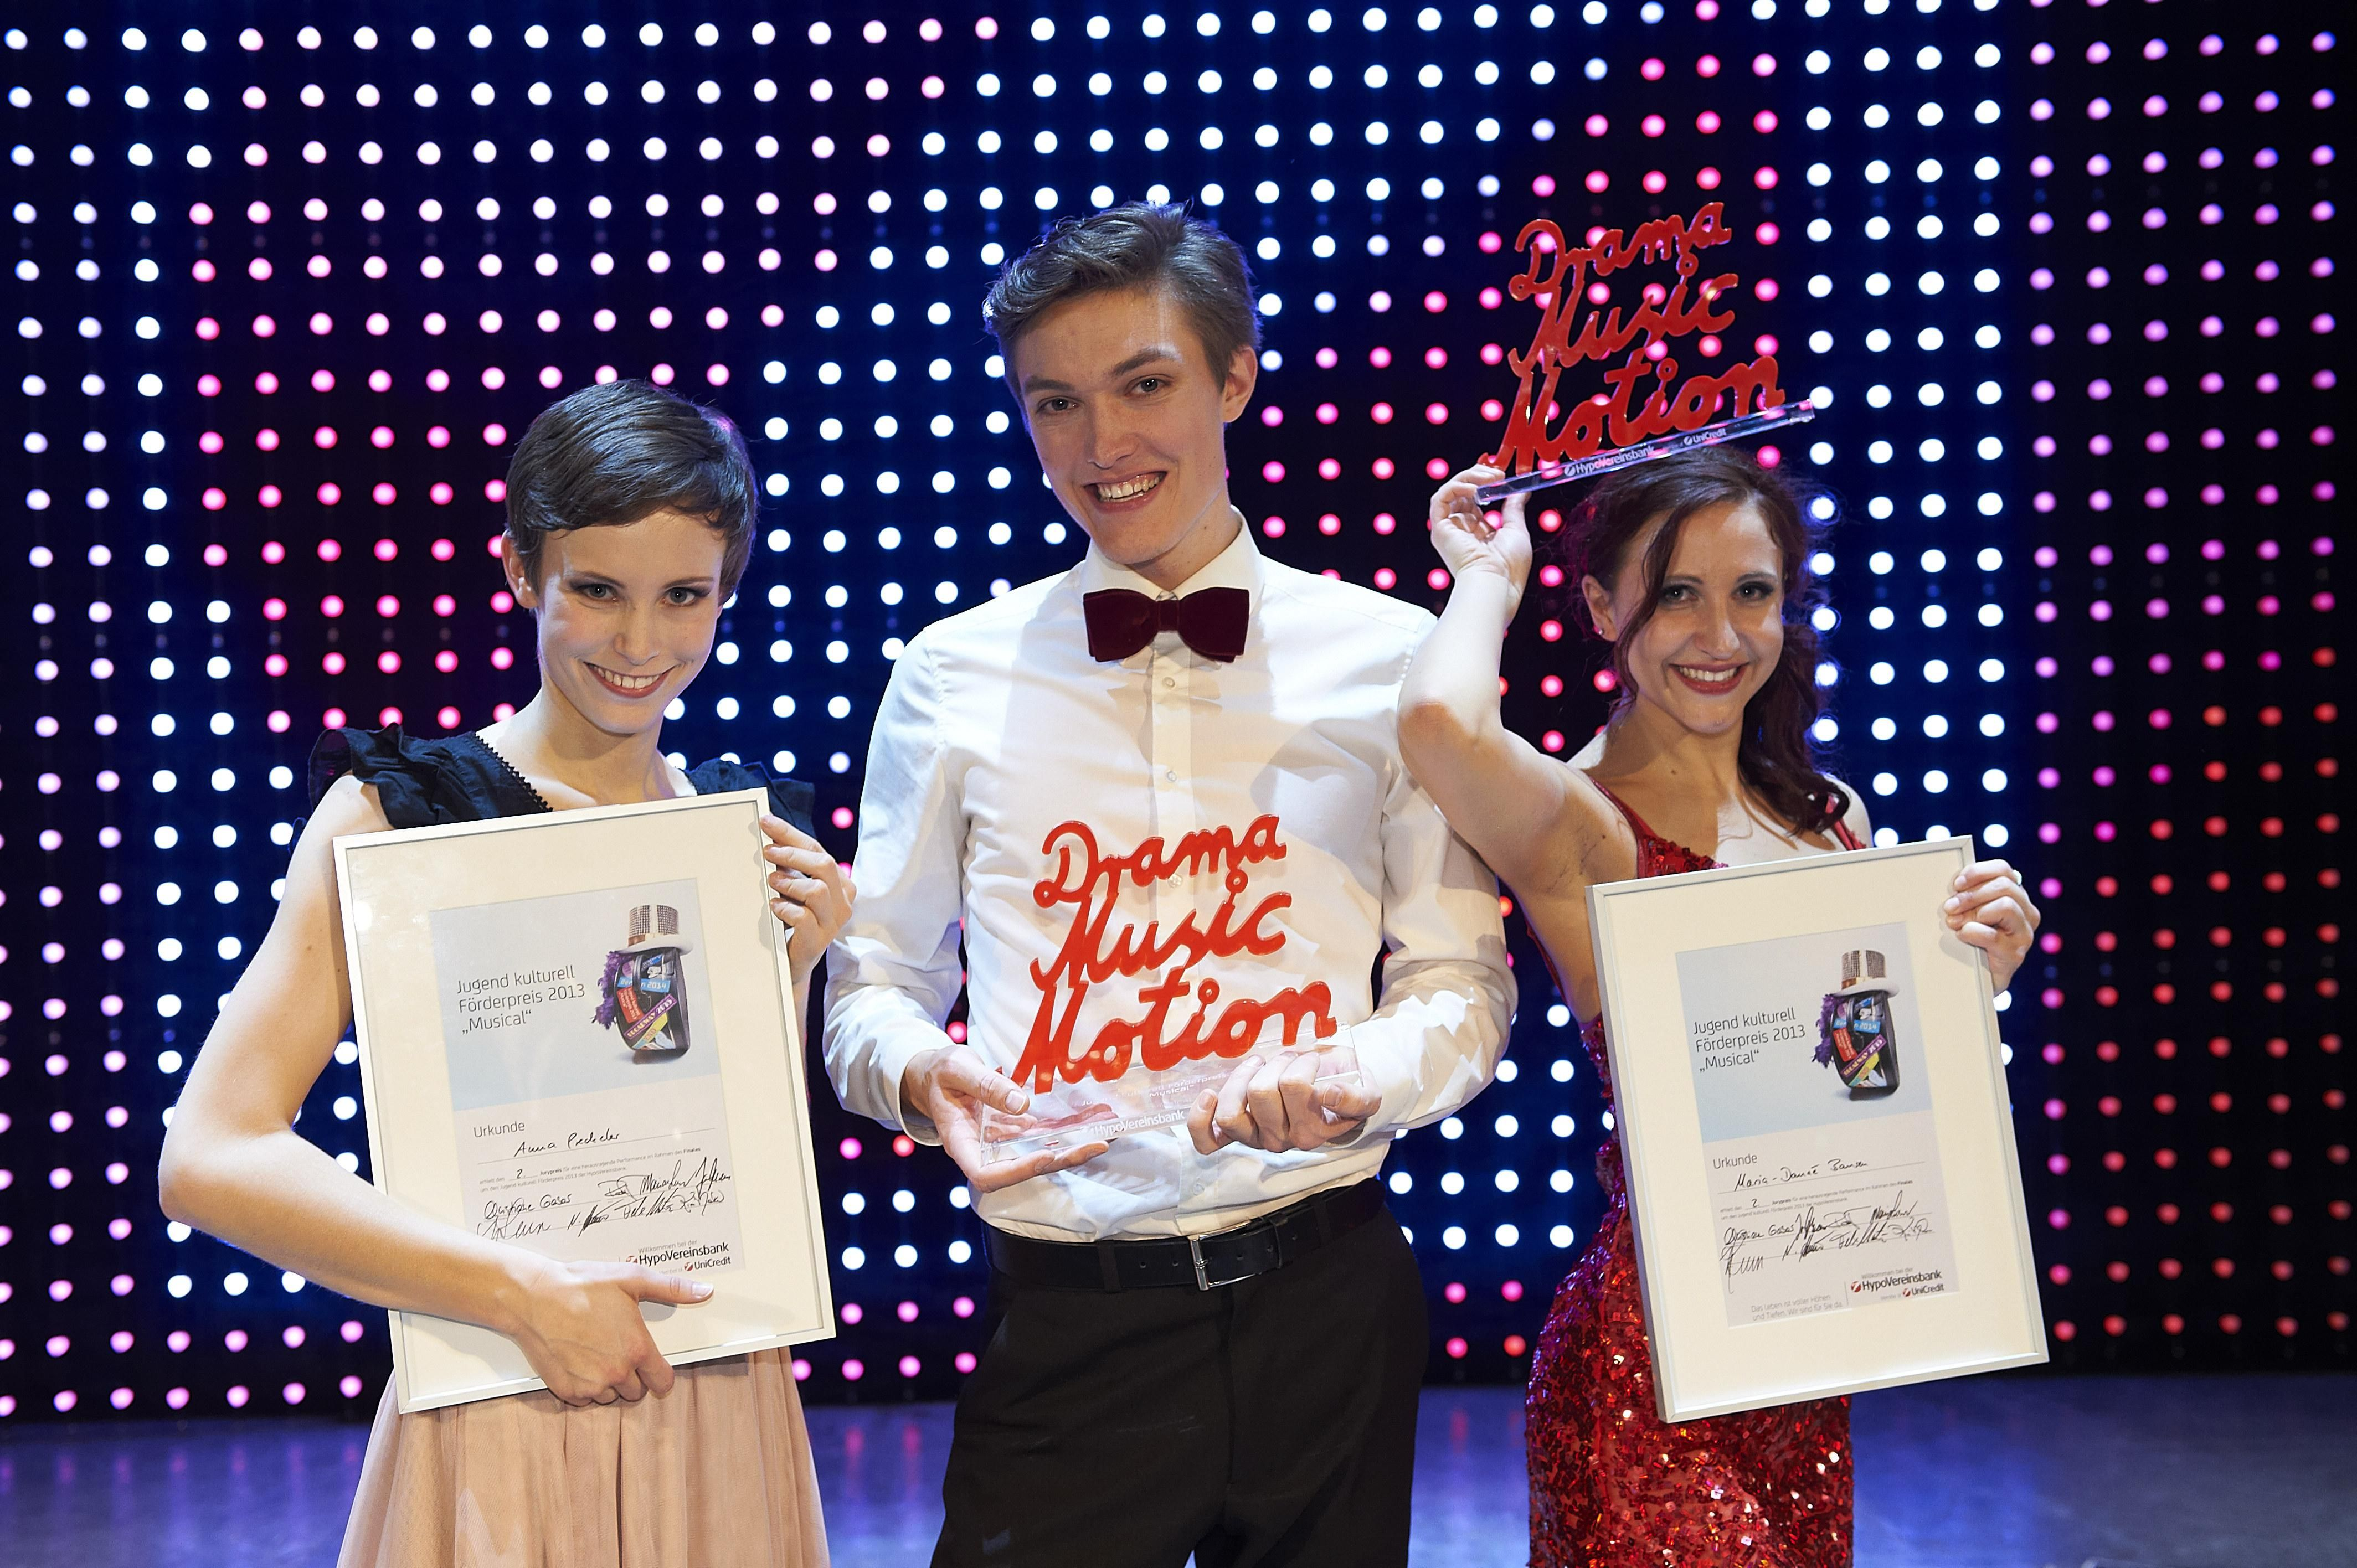 Jugend kulturell Förderpreis 2014